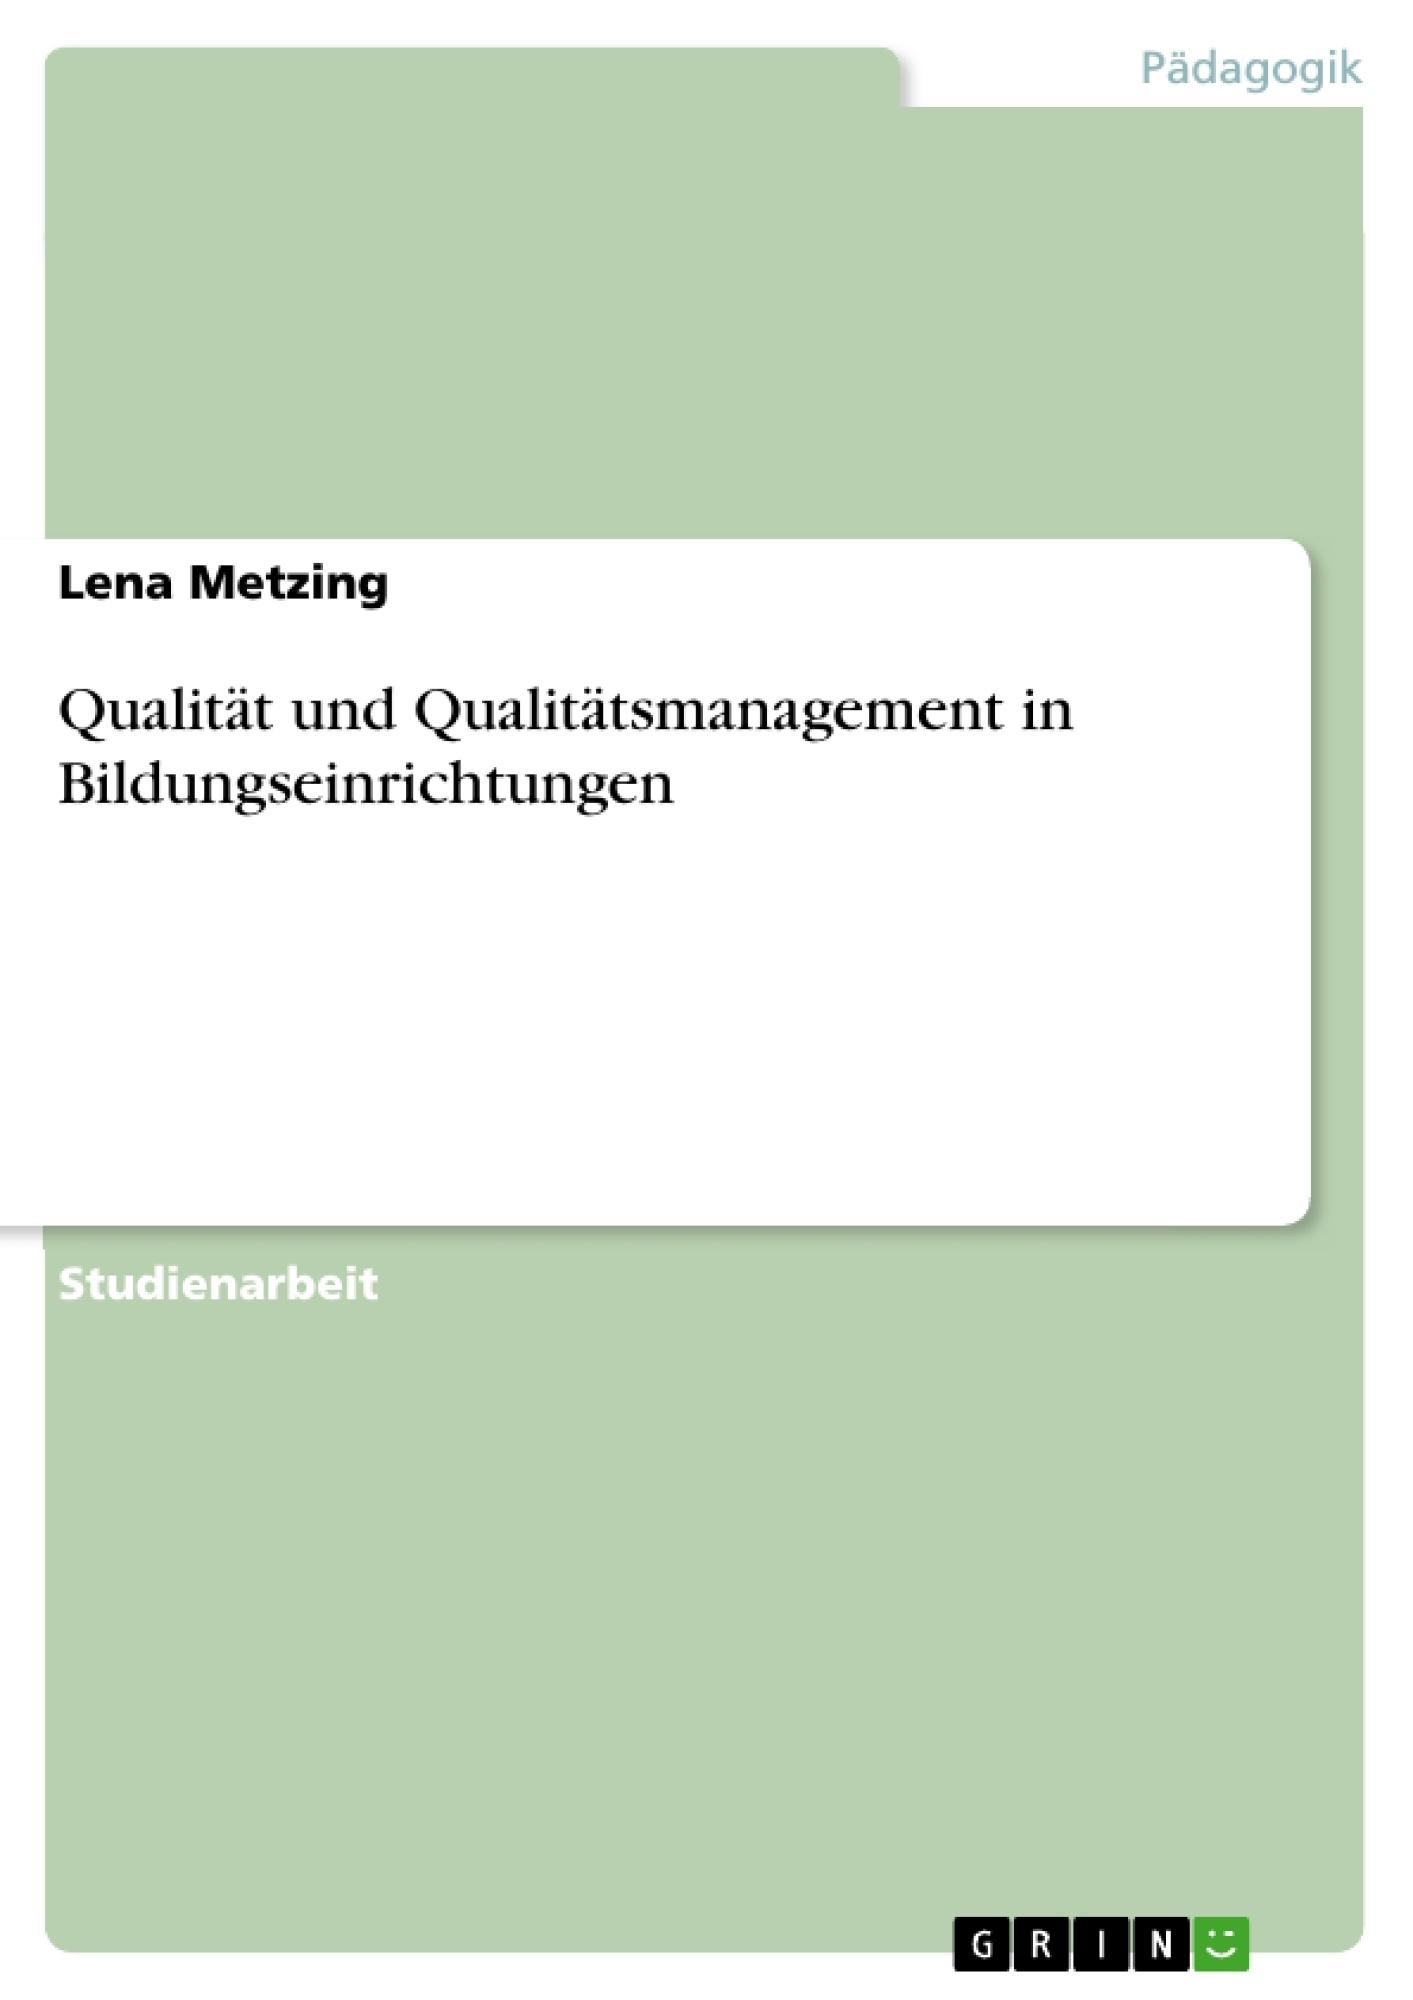 Titel: Qualität und Qualitätsmanagement in Bildungseinrichtungen